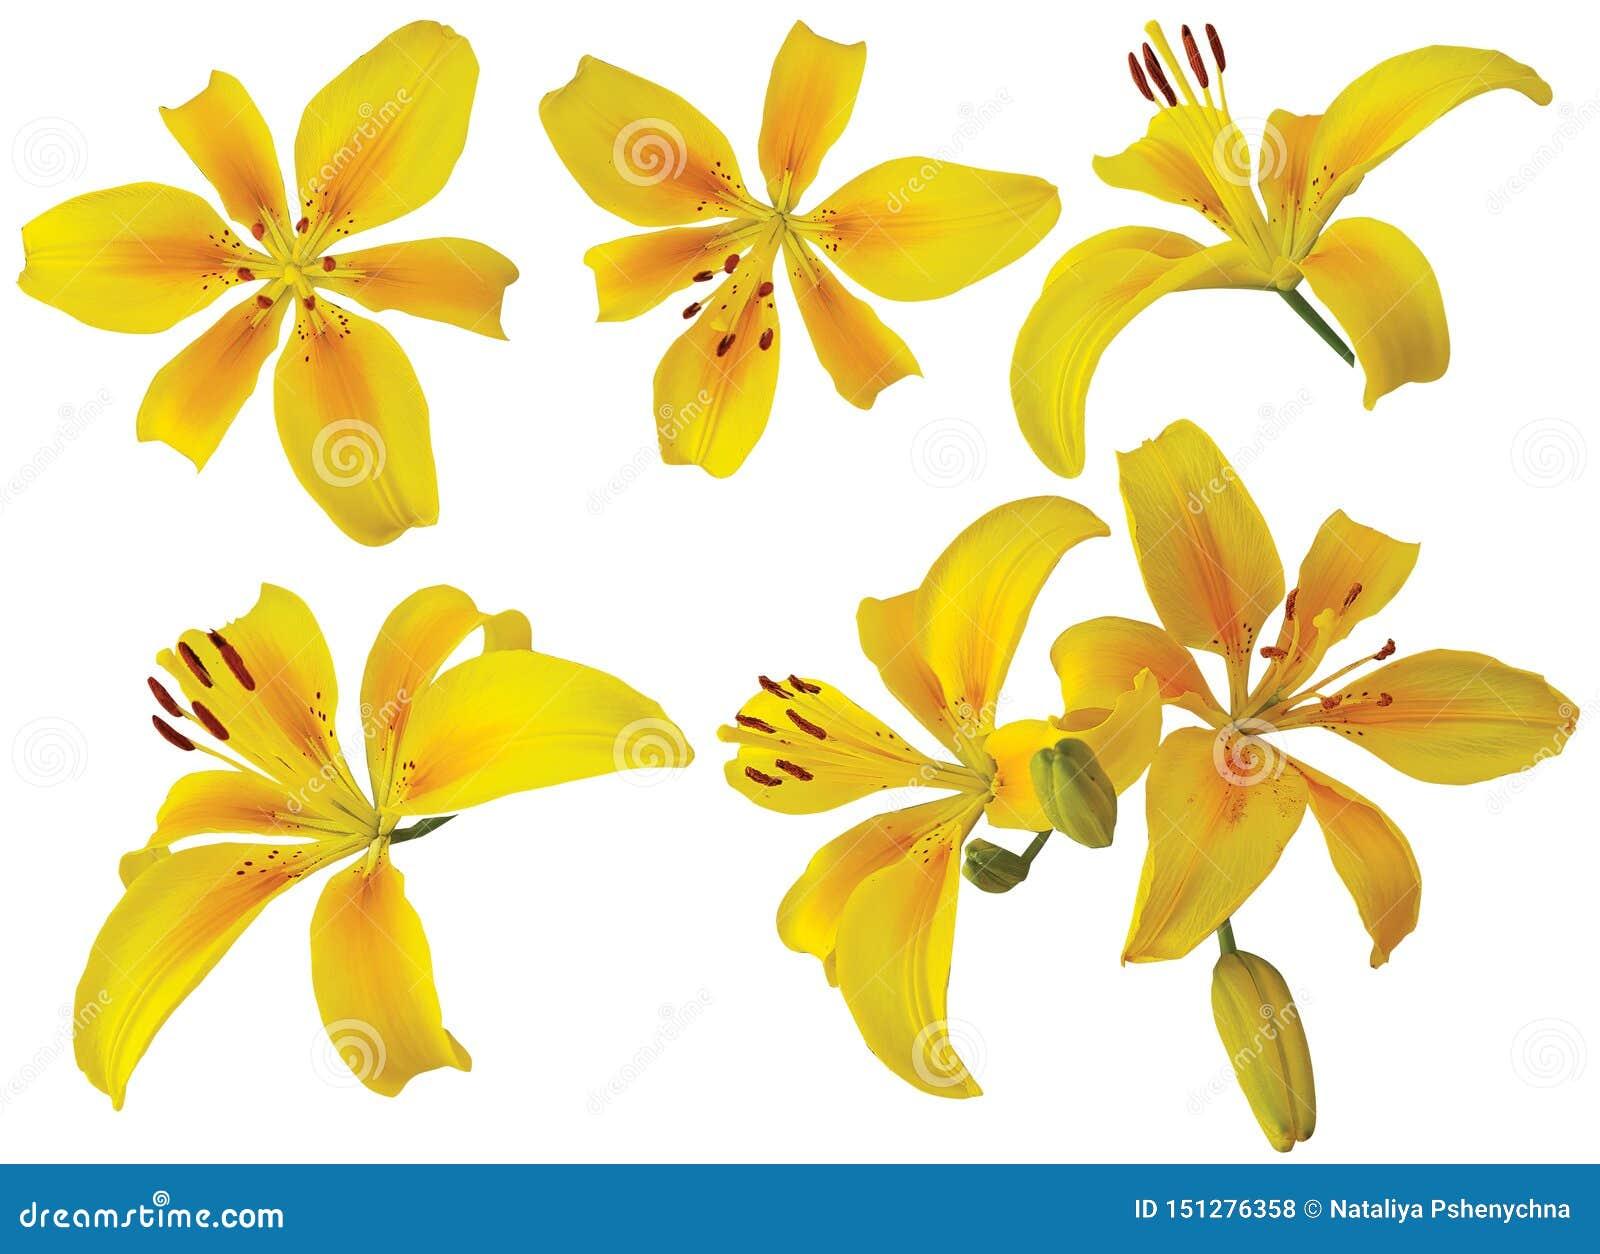 Einzelne gelbe Lilienblumen auf weißem Hintergrund